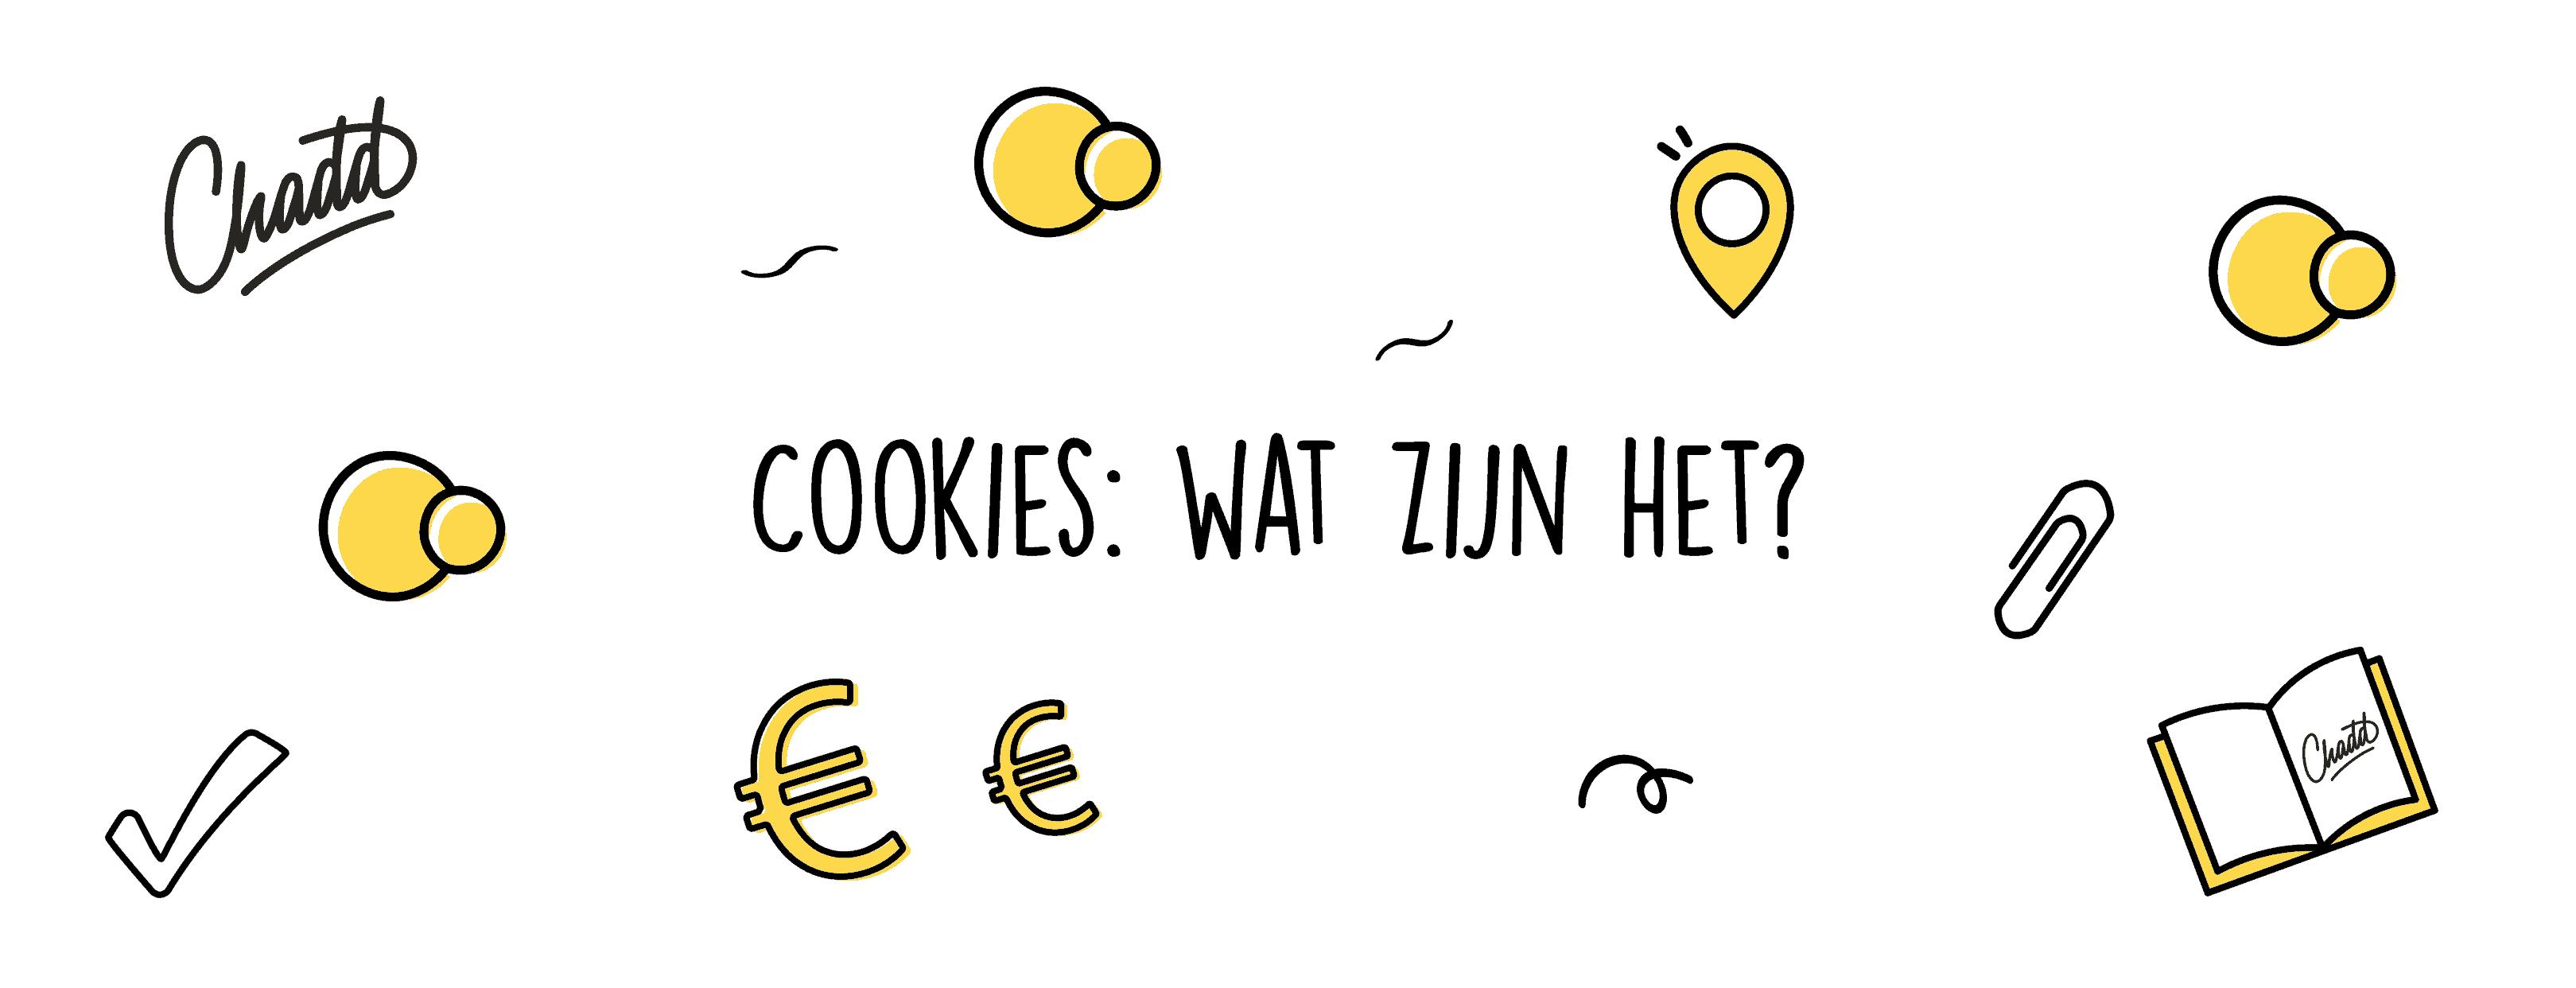 Cookies wat zijn het